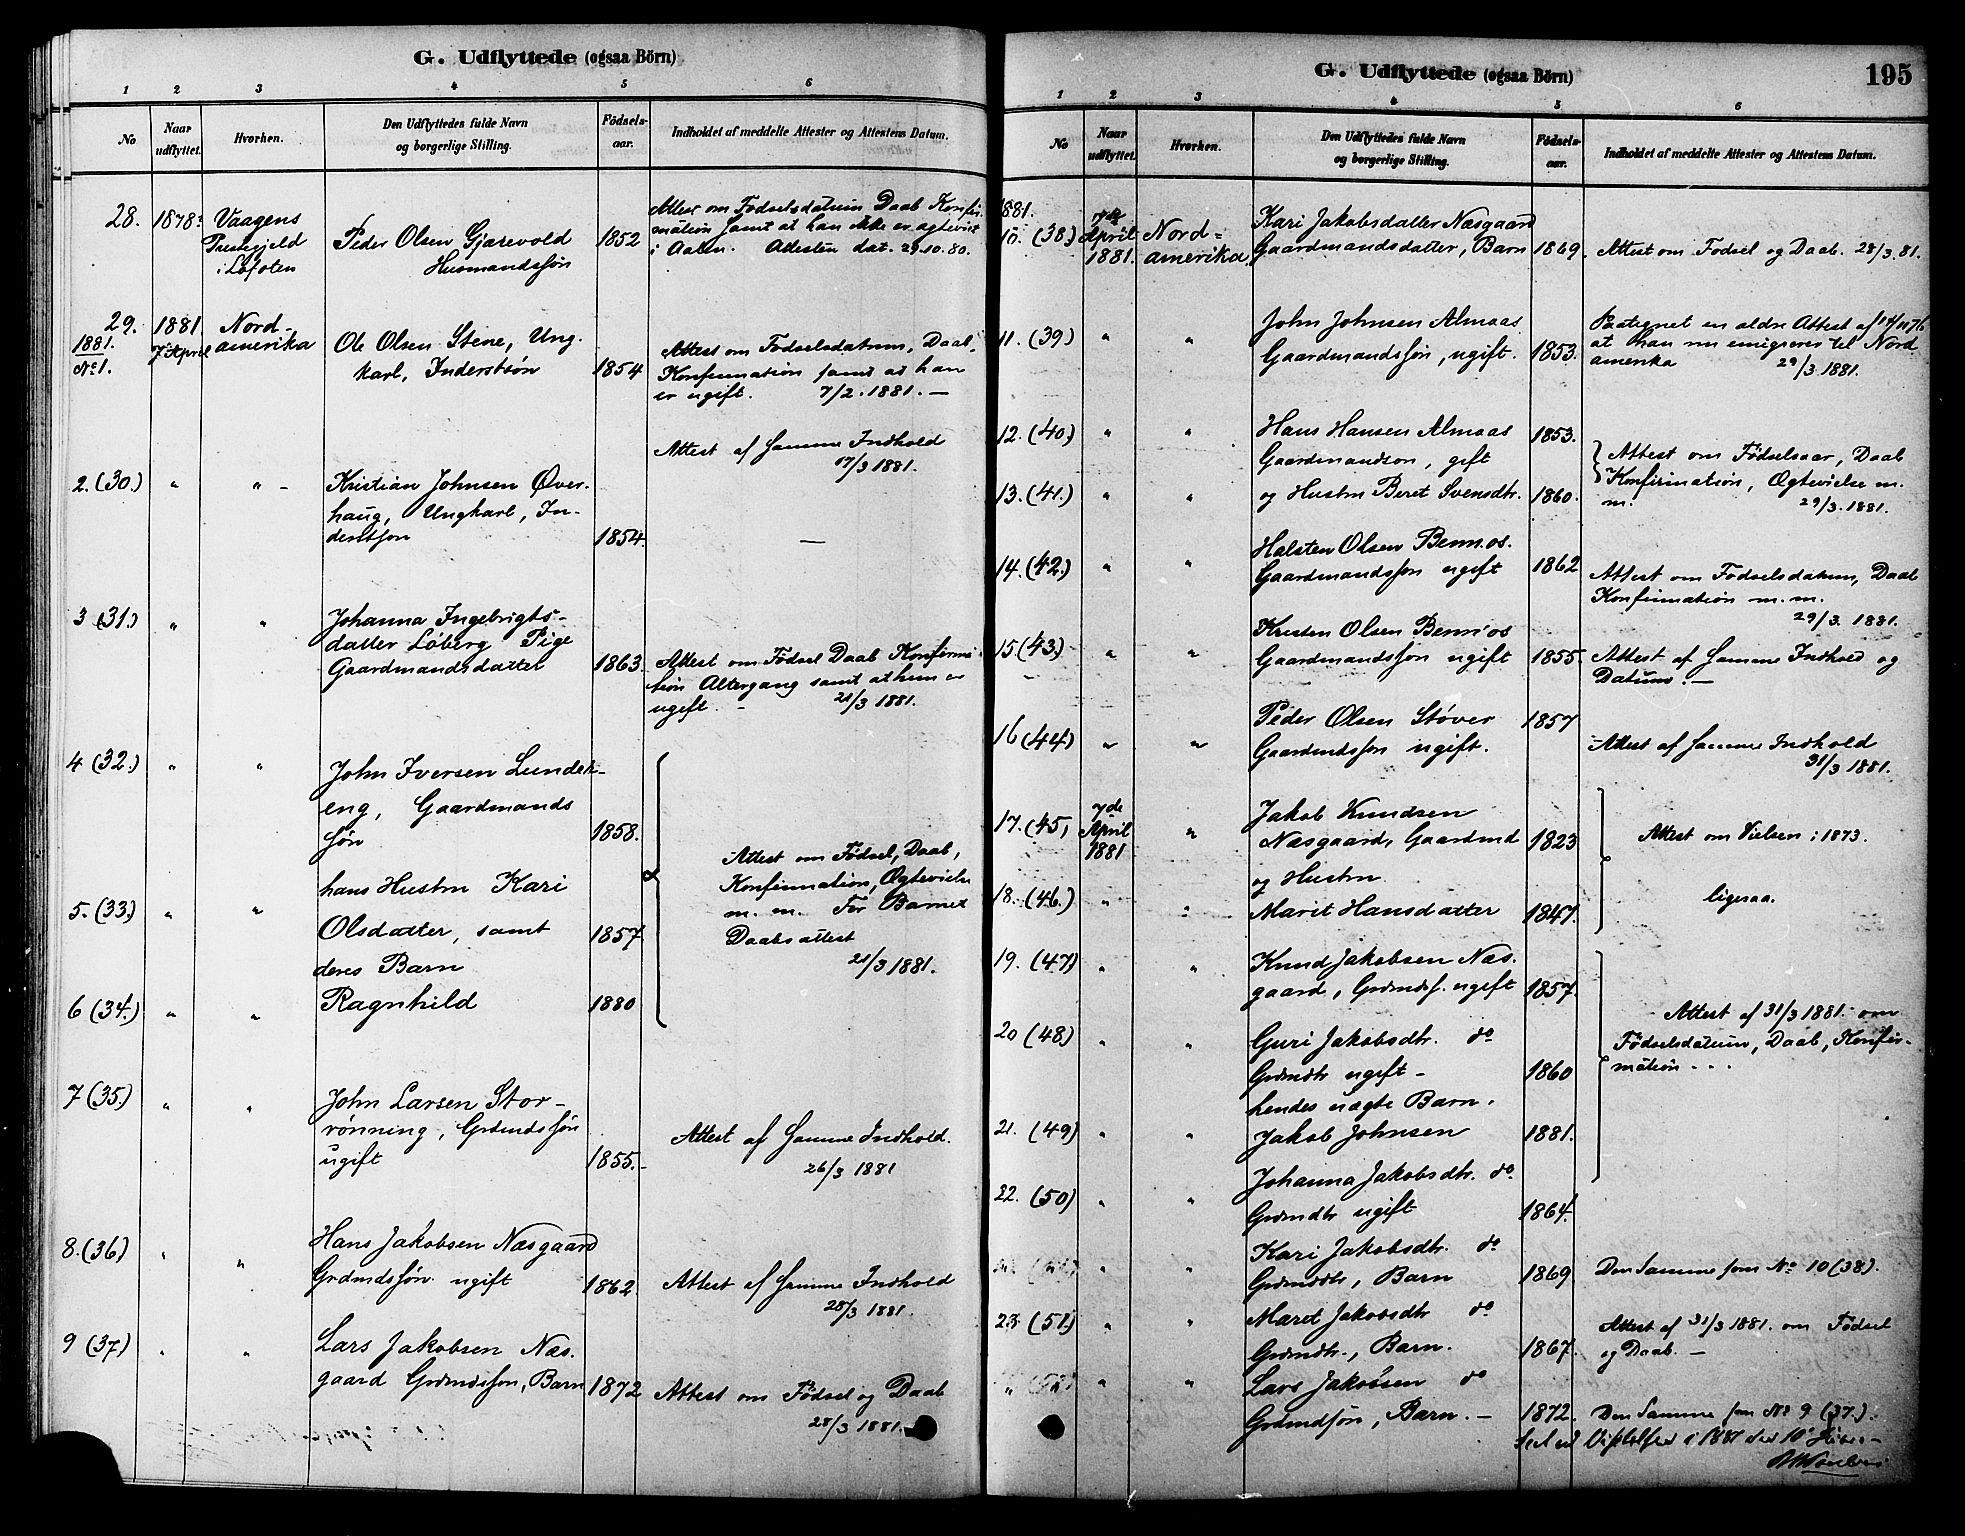 SAT, Ministerialprotokoller, klokkerbøker og fødselsregistre - Sør-Trøndelag, 686/L0983: Ministerialbok nr. 686A01, 1879-1890, s. 195